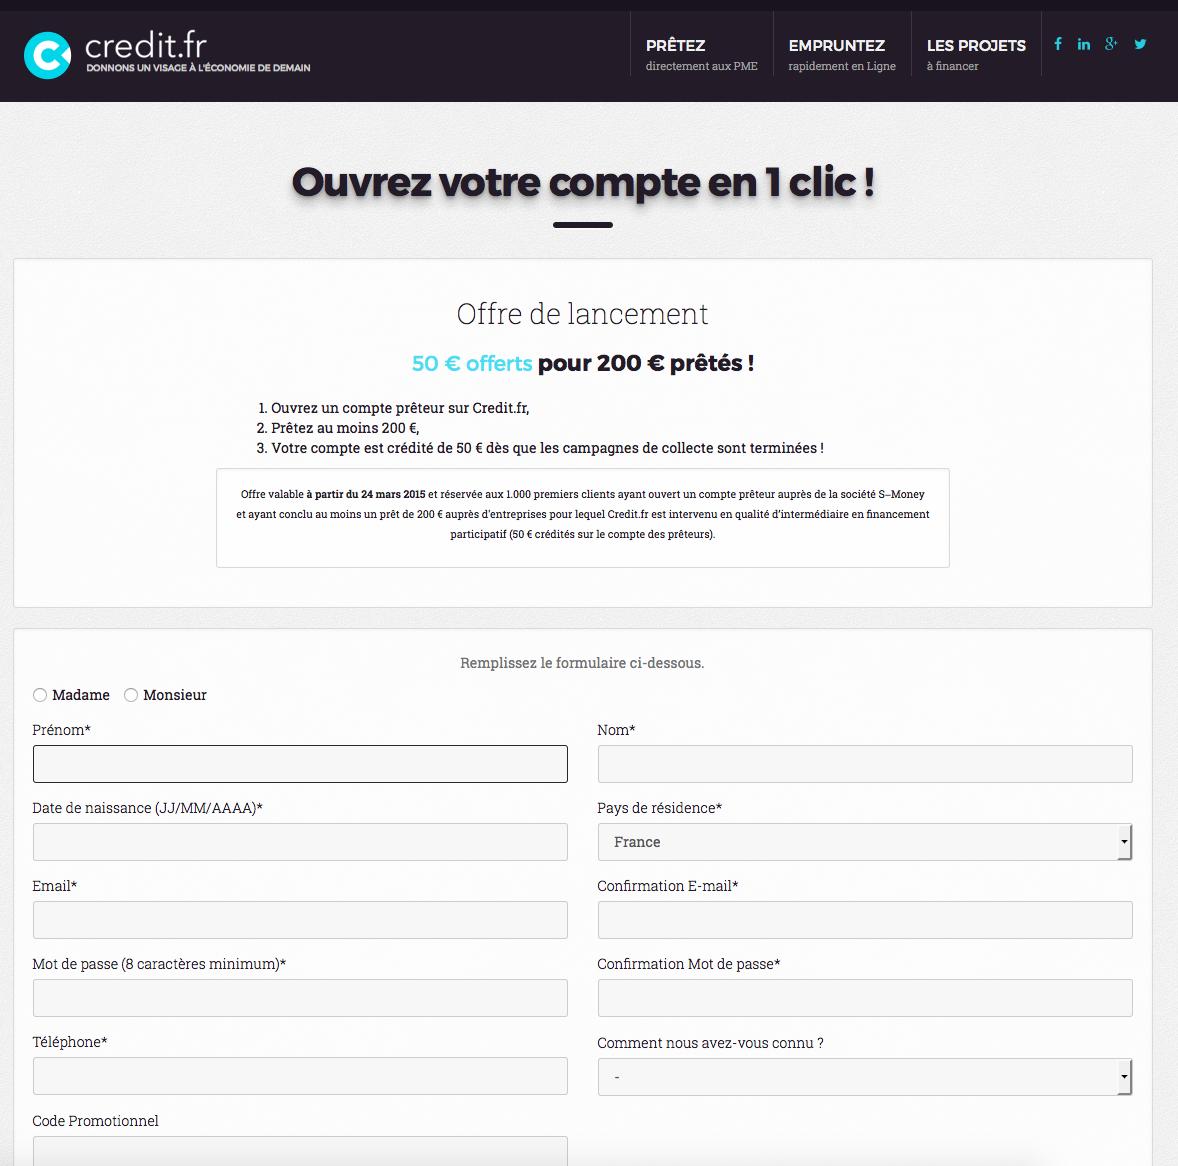 Inscription sur Credit.fr